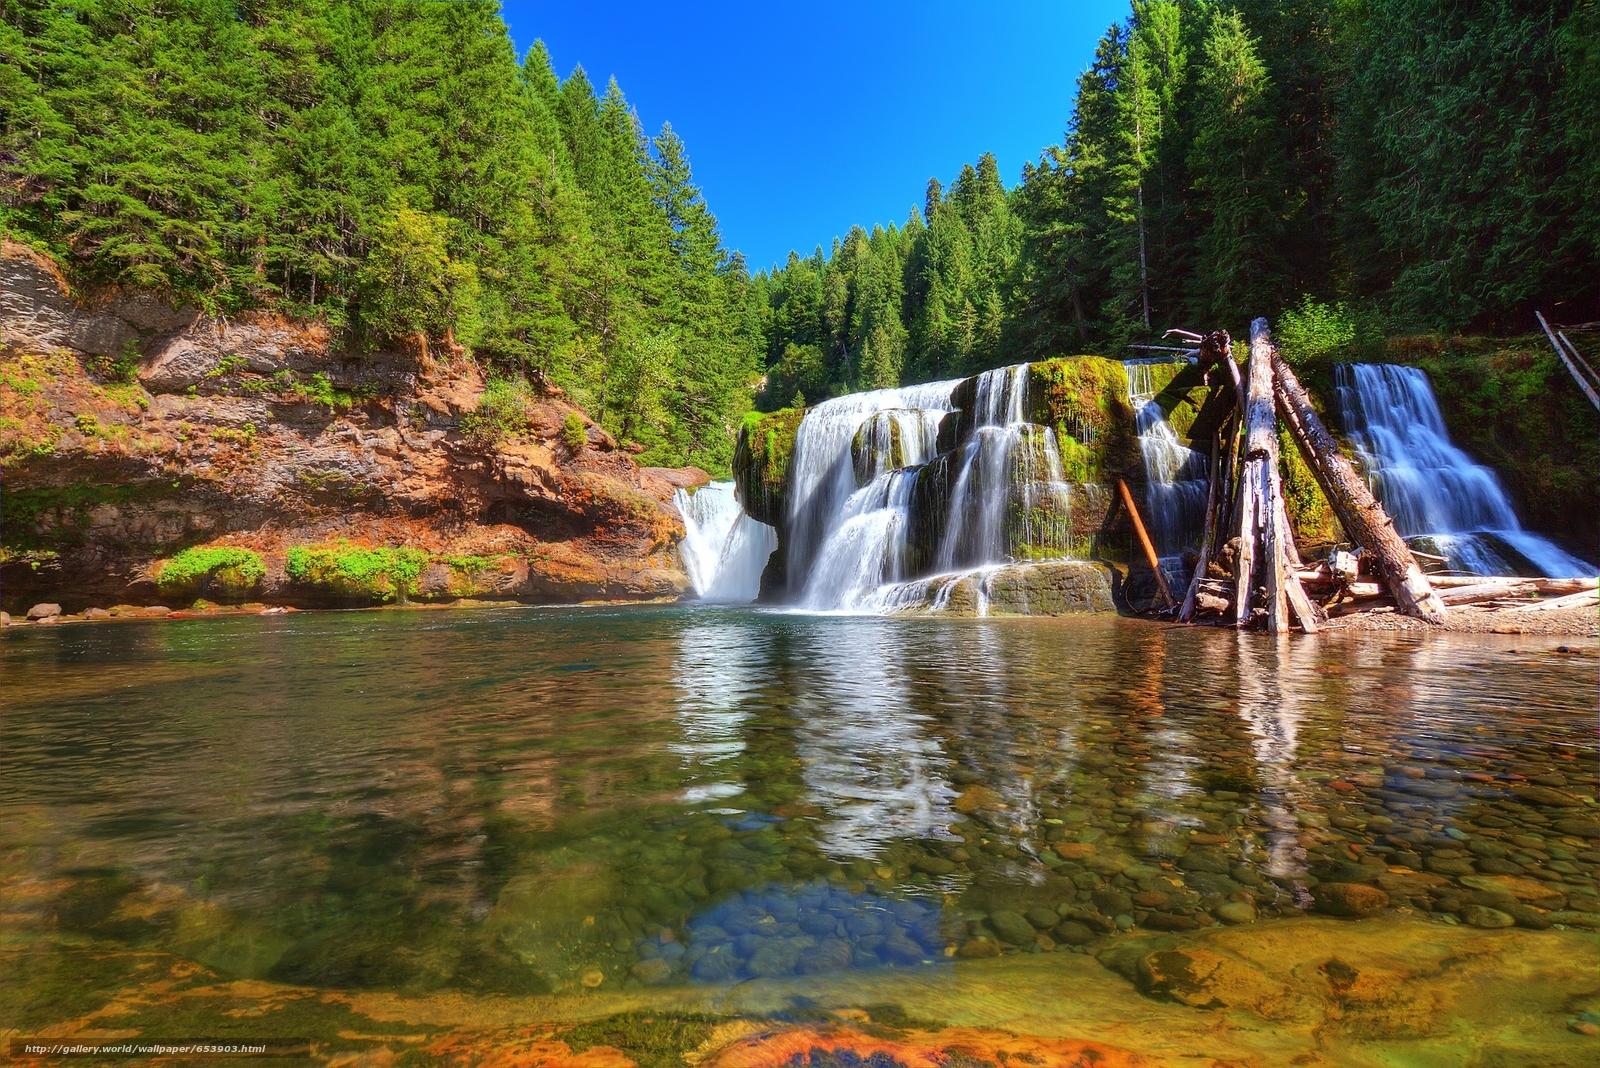 Descargar gratis Bajo Lewis River Falls,  Lewis River,  Washington,  río Fondos de escritorio en la resolucin 2048x1367 — imagen №653903